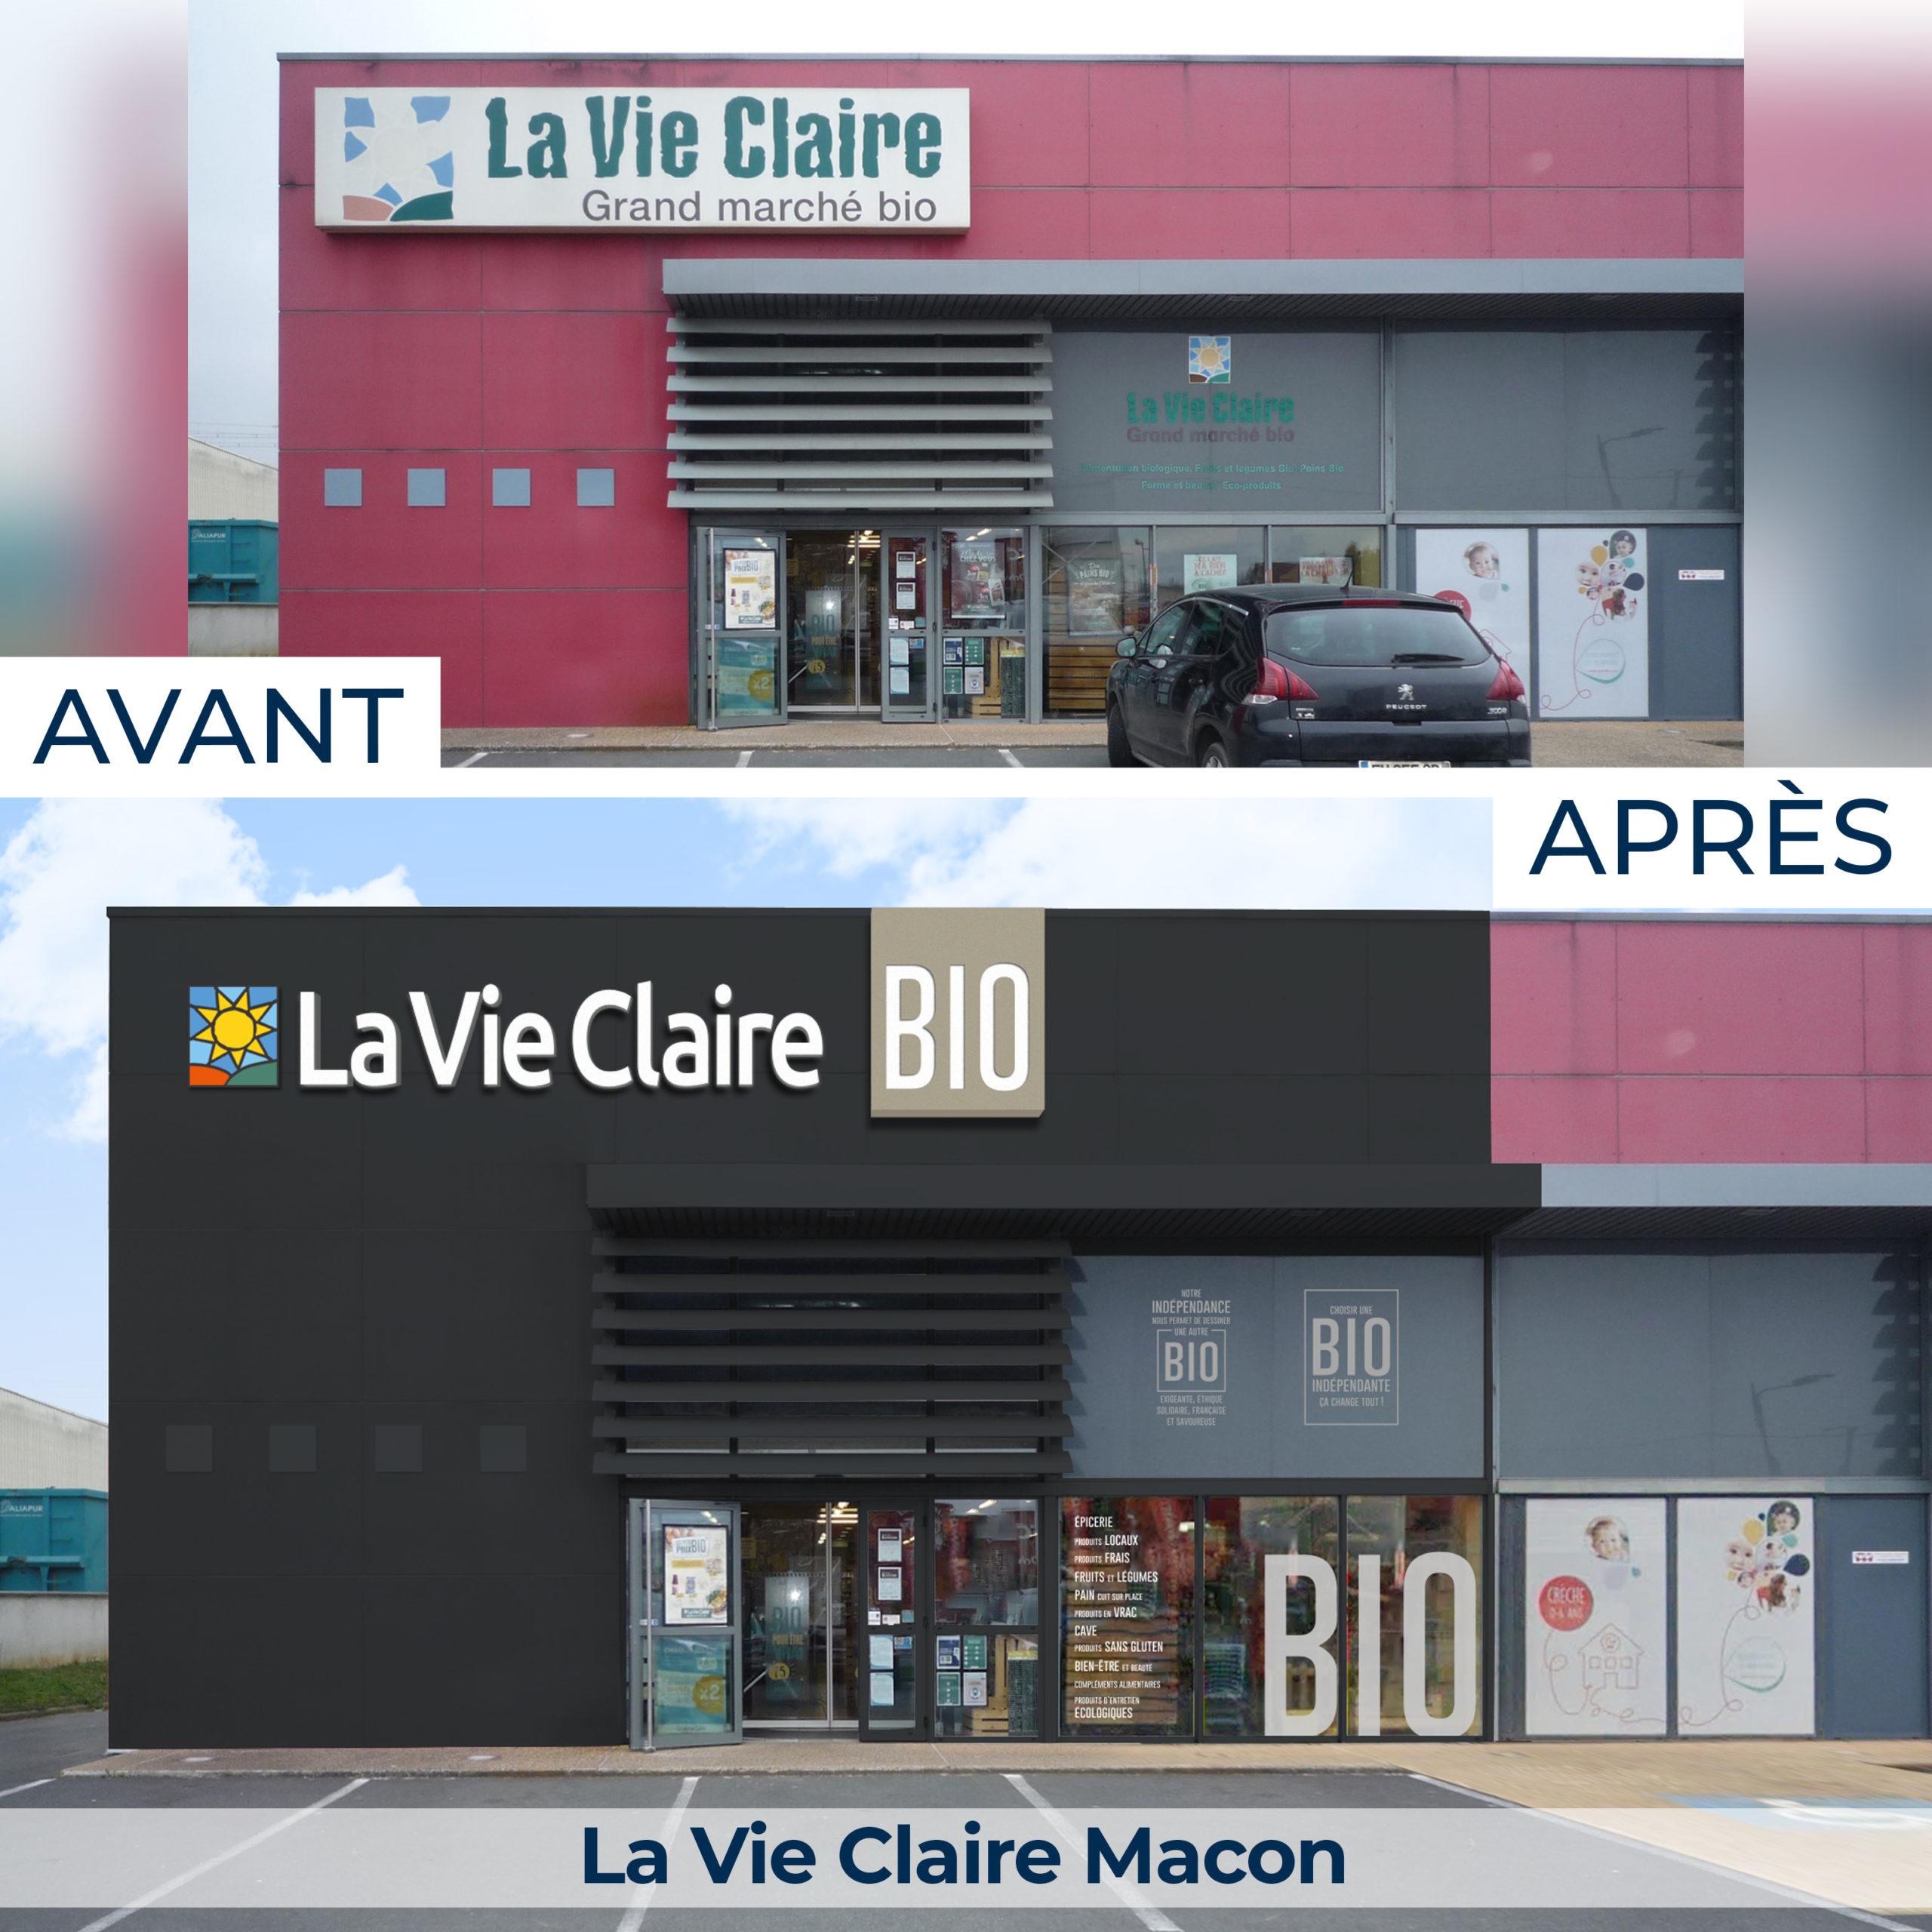 La Vie Claire Macon rénovation magasin spécialisé en alimentation bio, 2021